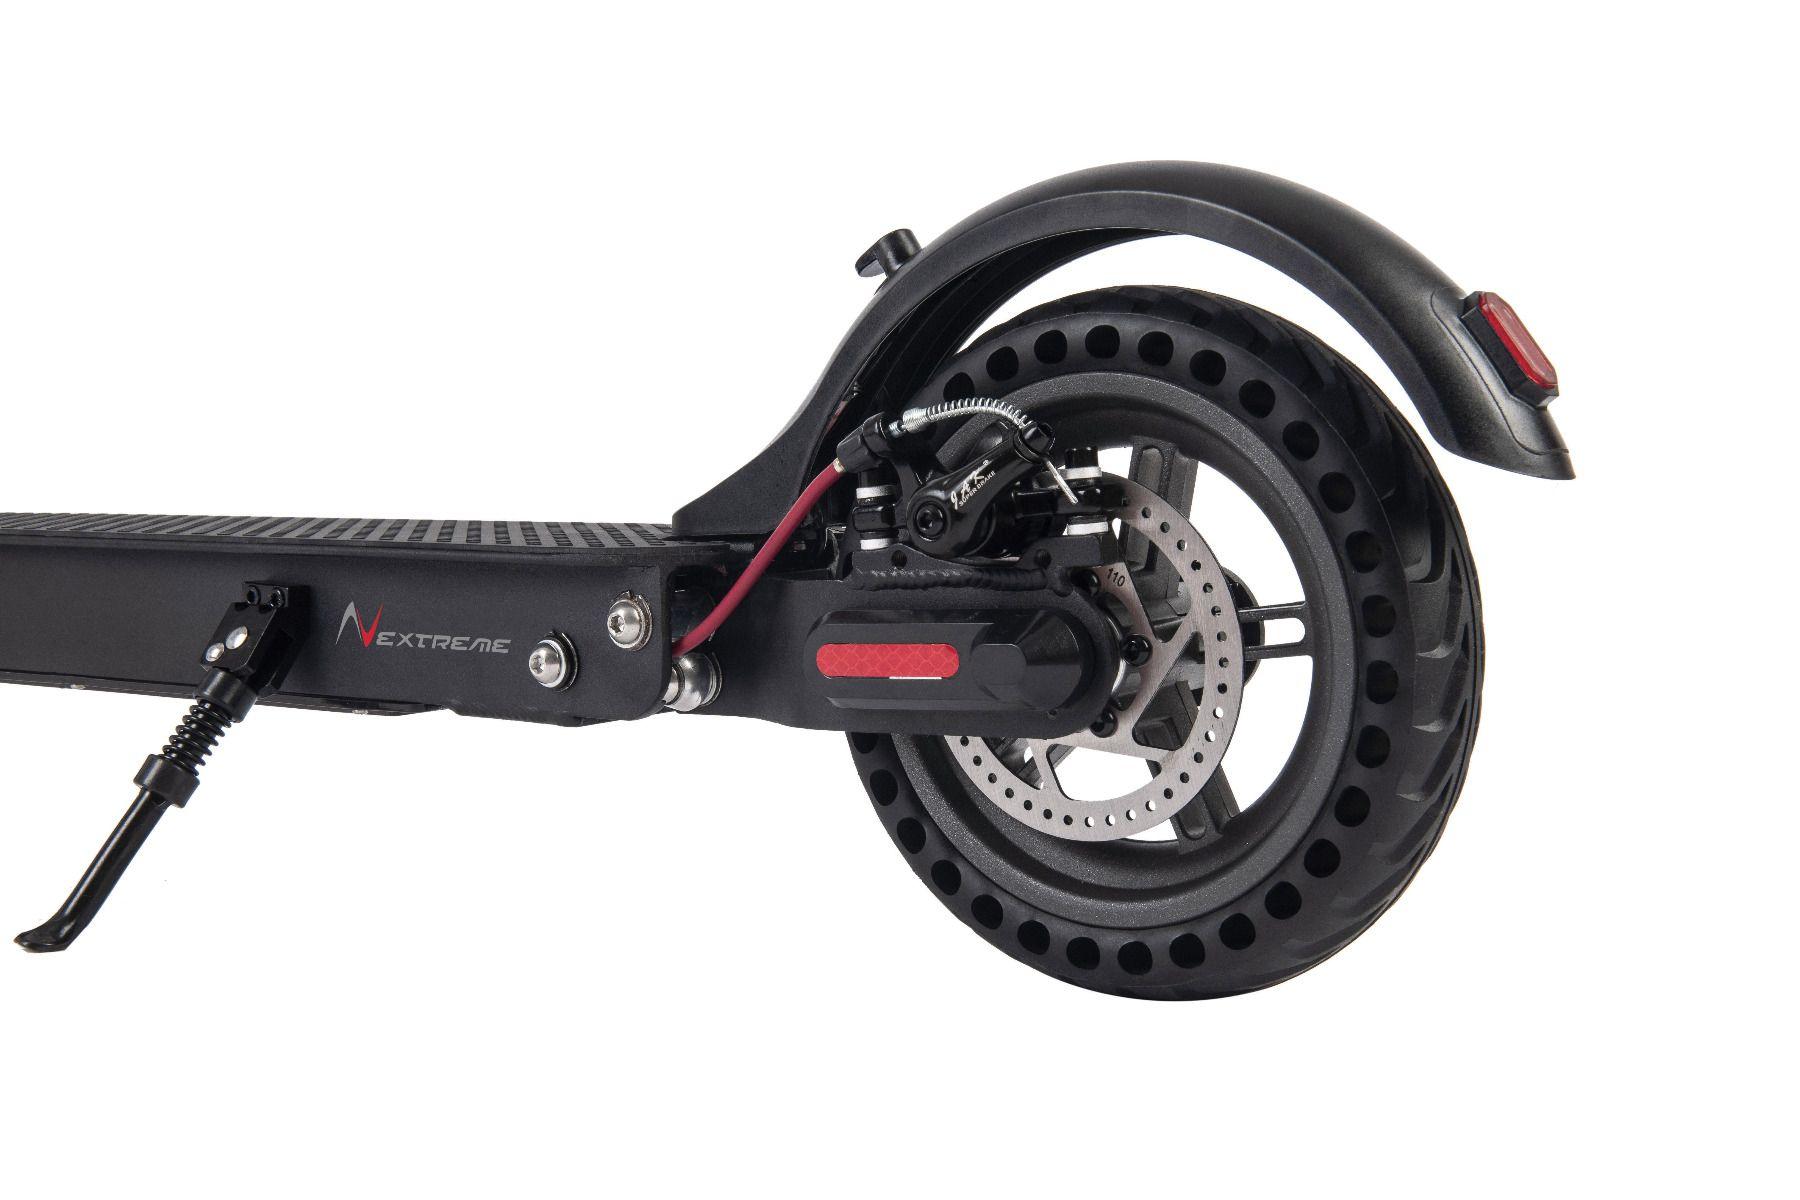 Trotineta electrica Nextreme Tourer 8.5, roti diam. 21.6 cm